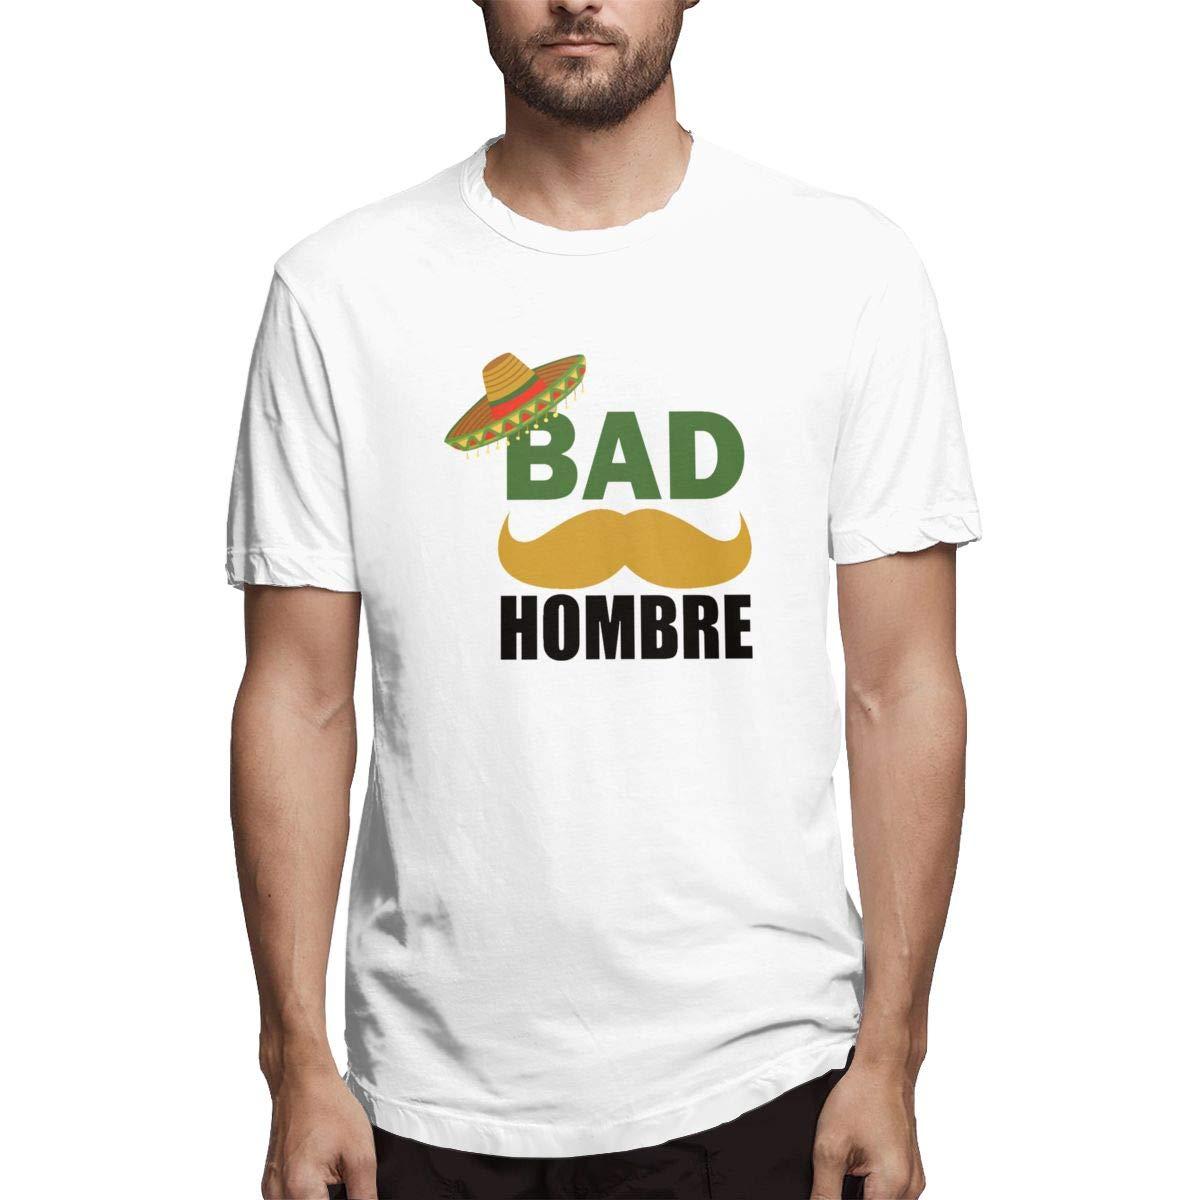 Xuforget Mens Bad Hombre Funny Political Trump Mexico School ...